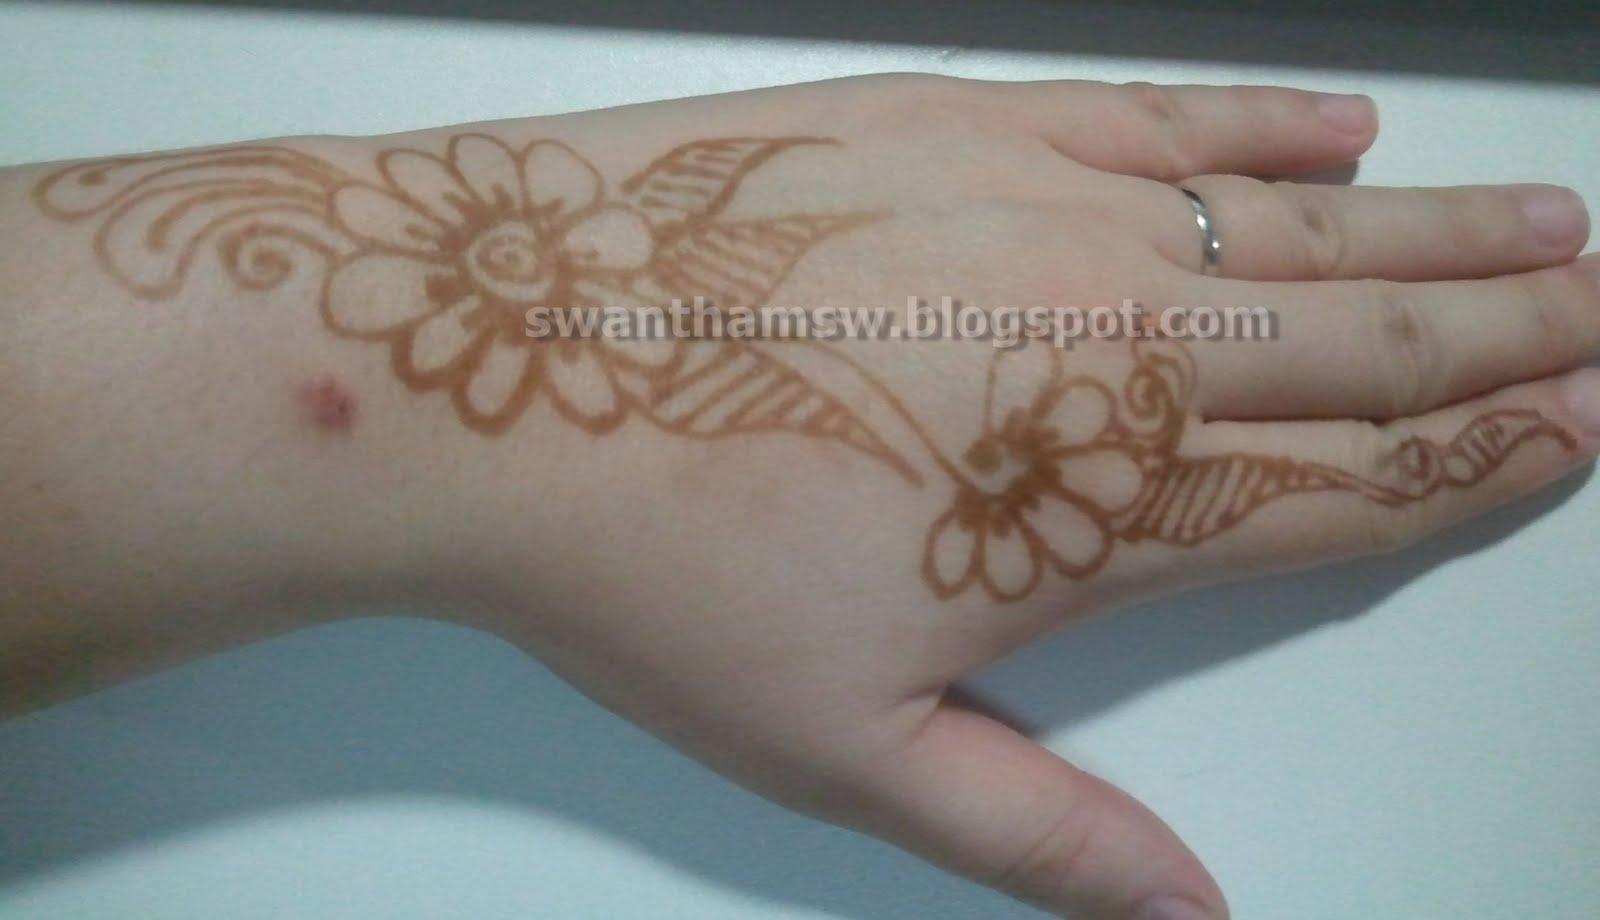 Swan tham blog i got my tattoo henna tattoo again for Henna tattoo process